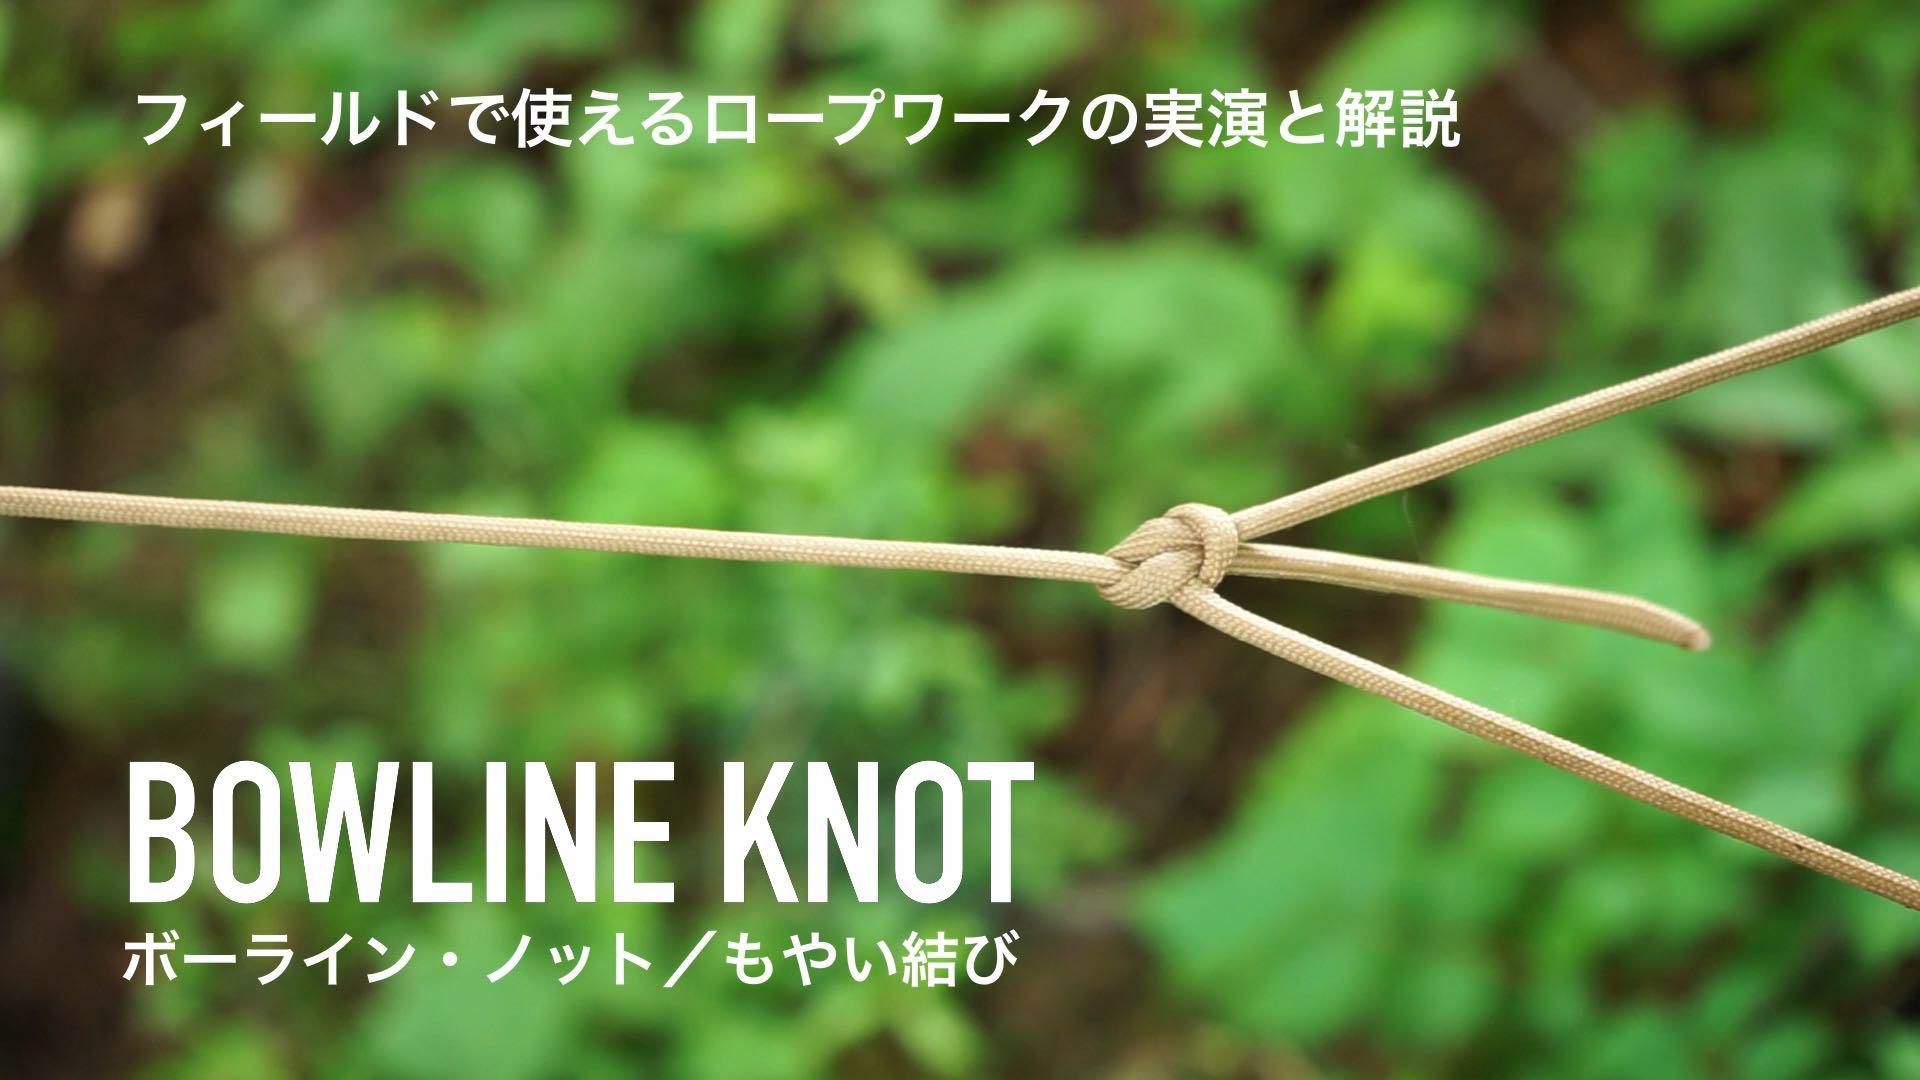 【ロープワーク活用術】ボーラインノット/Bowline Knot  の結び方